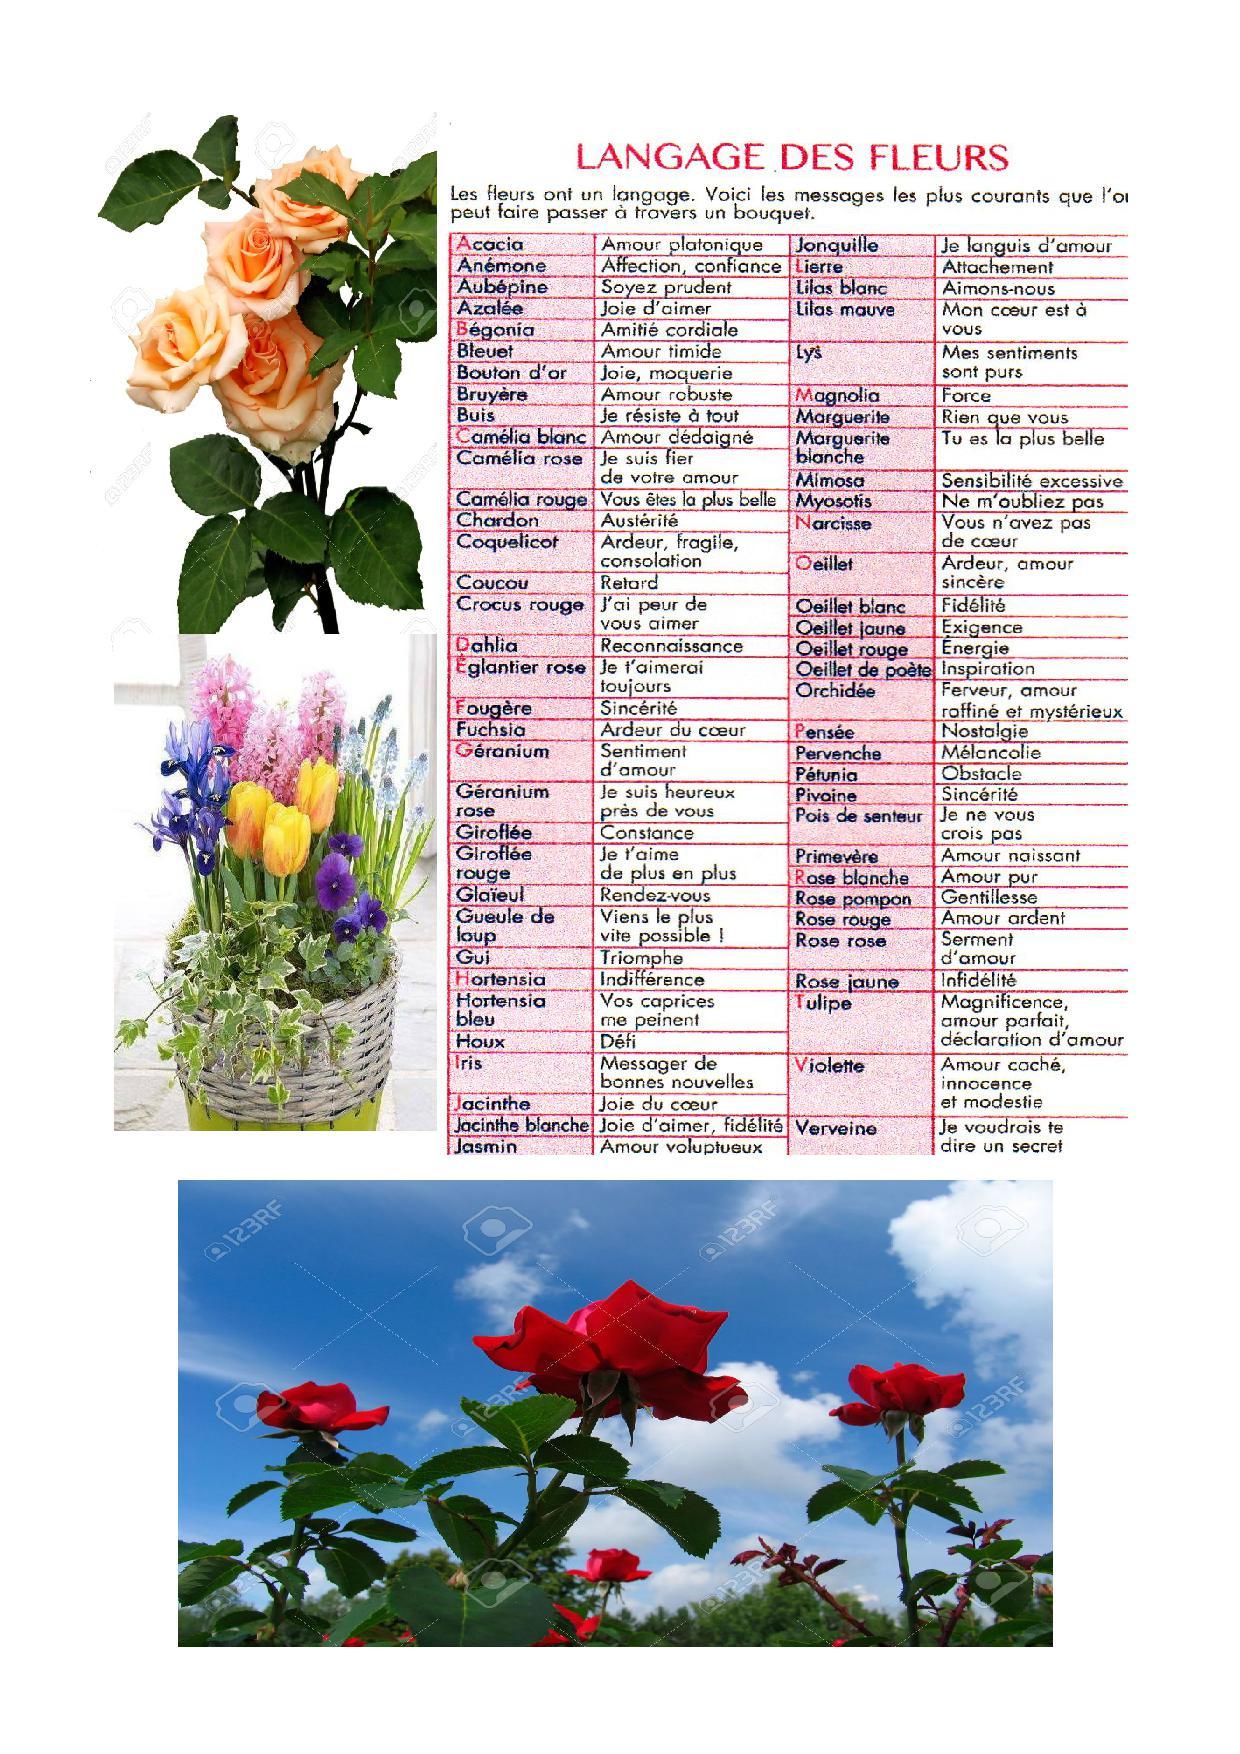 langage des fleurs | jardinement votre